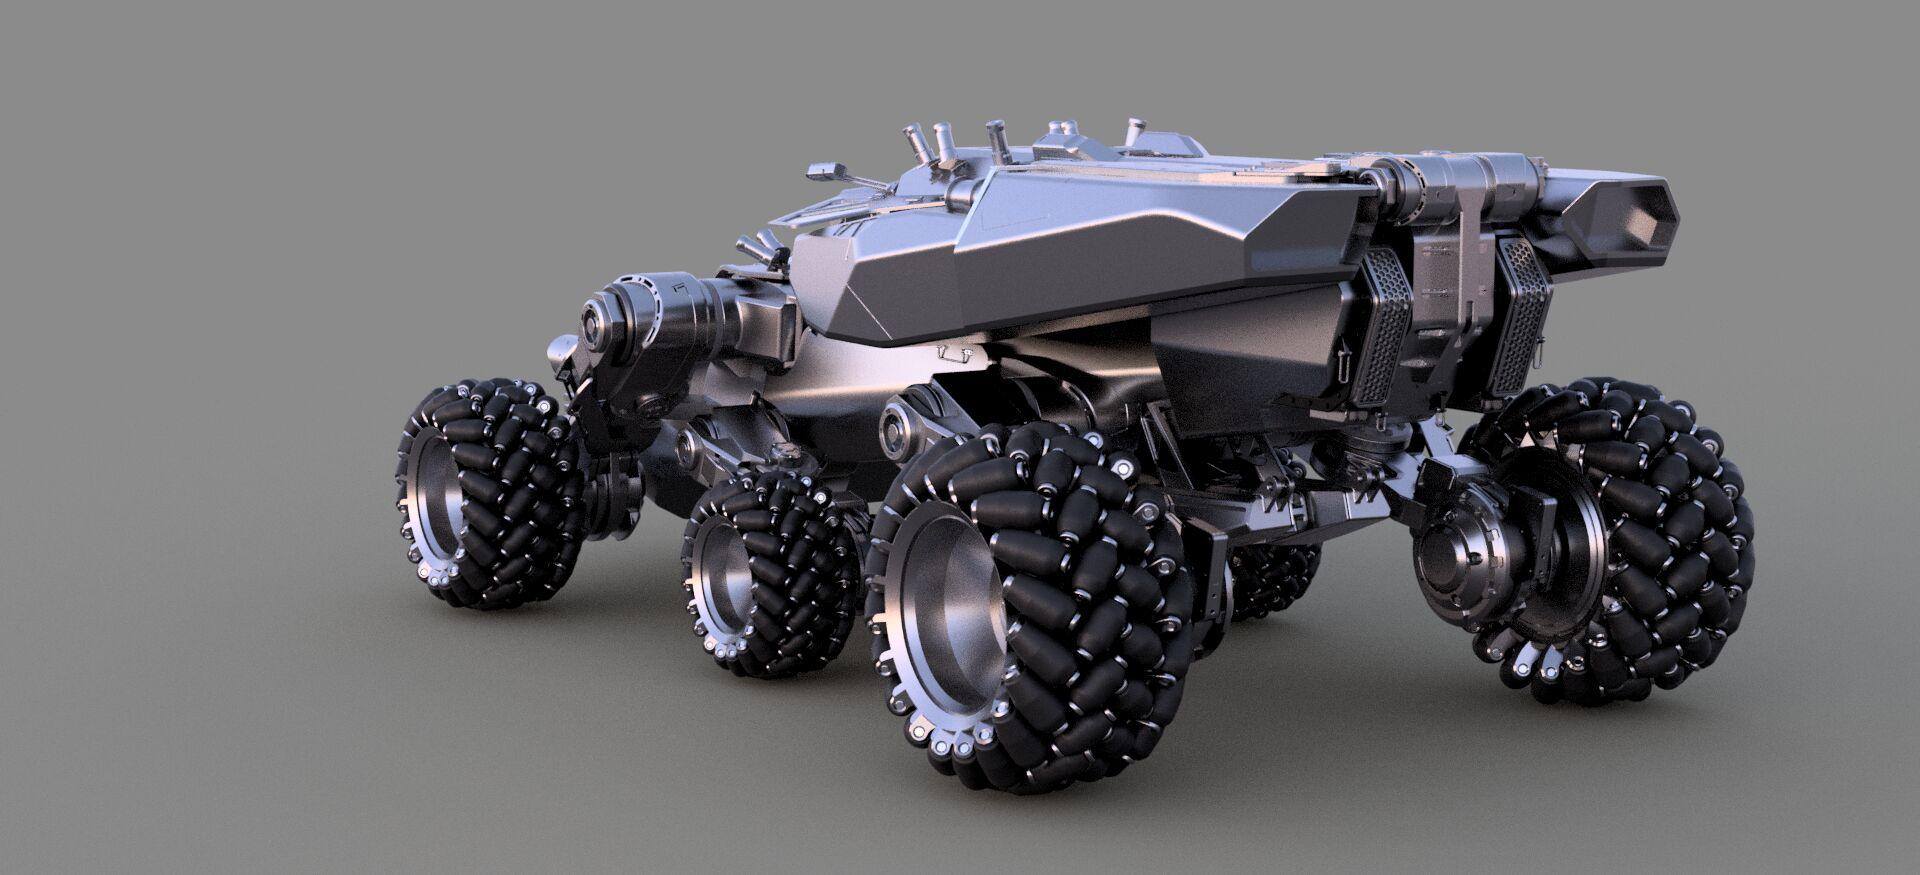 Scorpion-v541-3500-3500